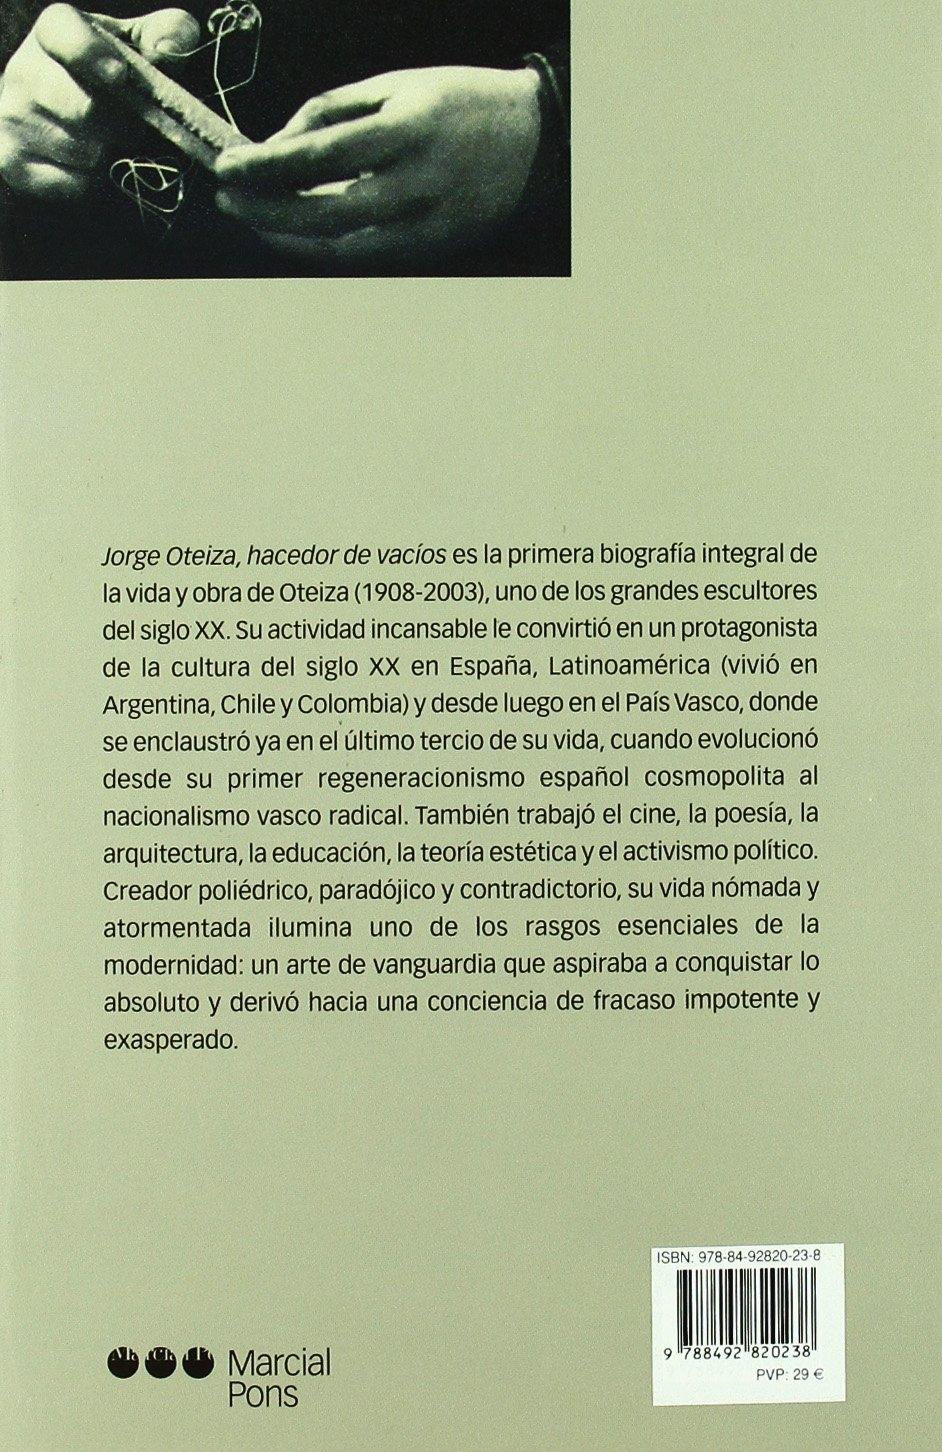 Jorge Oteiza. Hacedor de Vacios